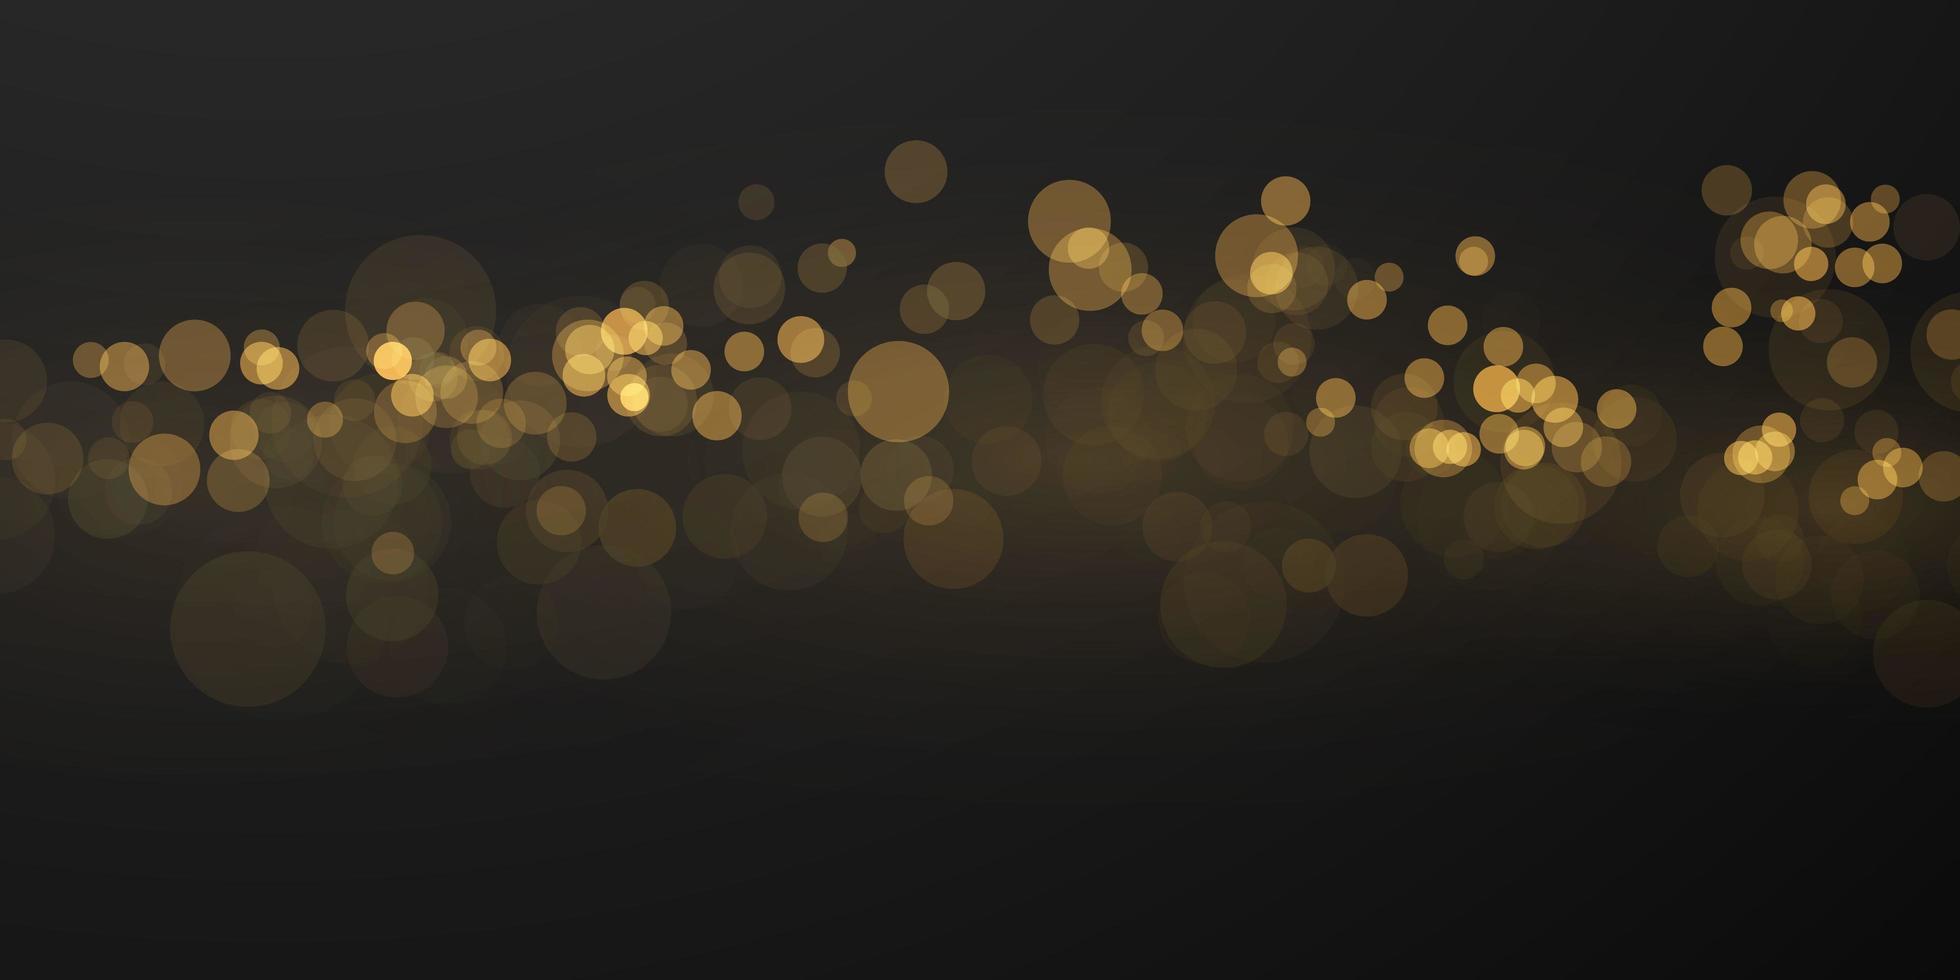 abstrato desfocar o elemento de luz que pode ser usado para o fundo decorativo do bokeh. vetor